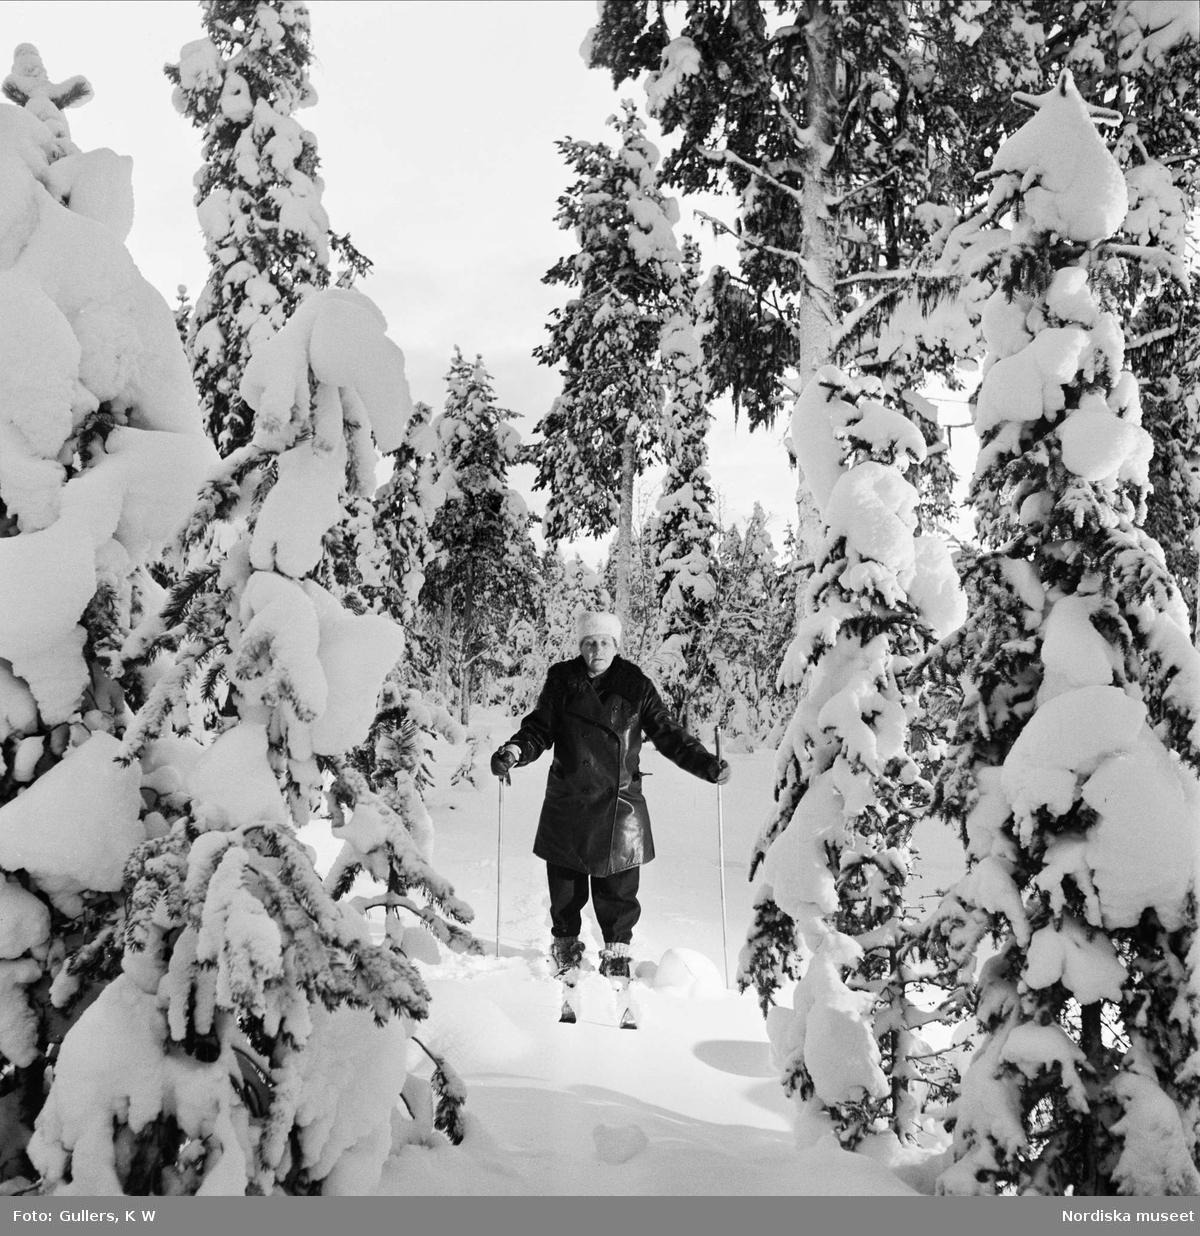 """Barnsbörd, barnmorska. """"I bister kyla genom milsvida skogar, där granarna tynges ned av väldiga snösjok, får lappmarksbarnmorskan spåra sig fram på skidor""""."""